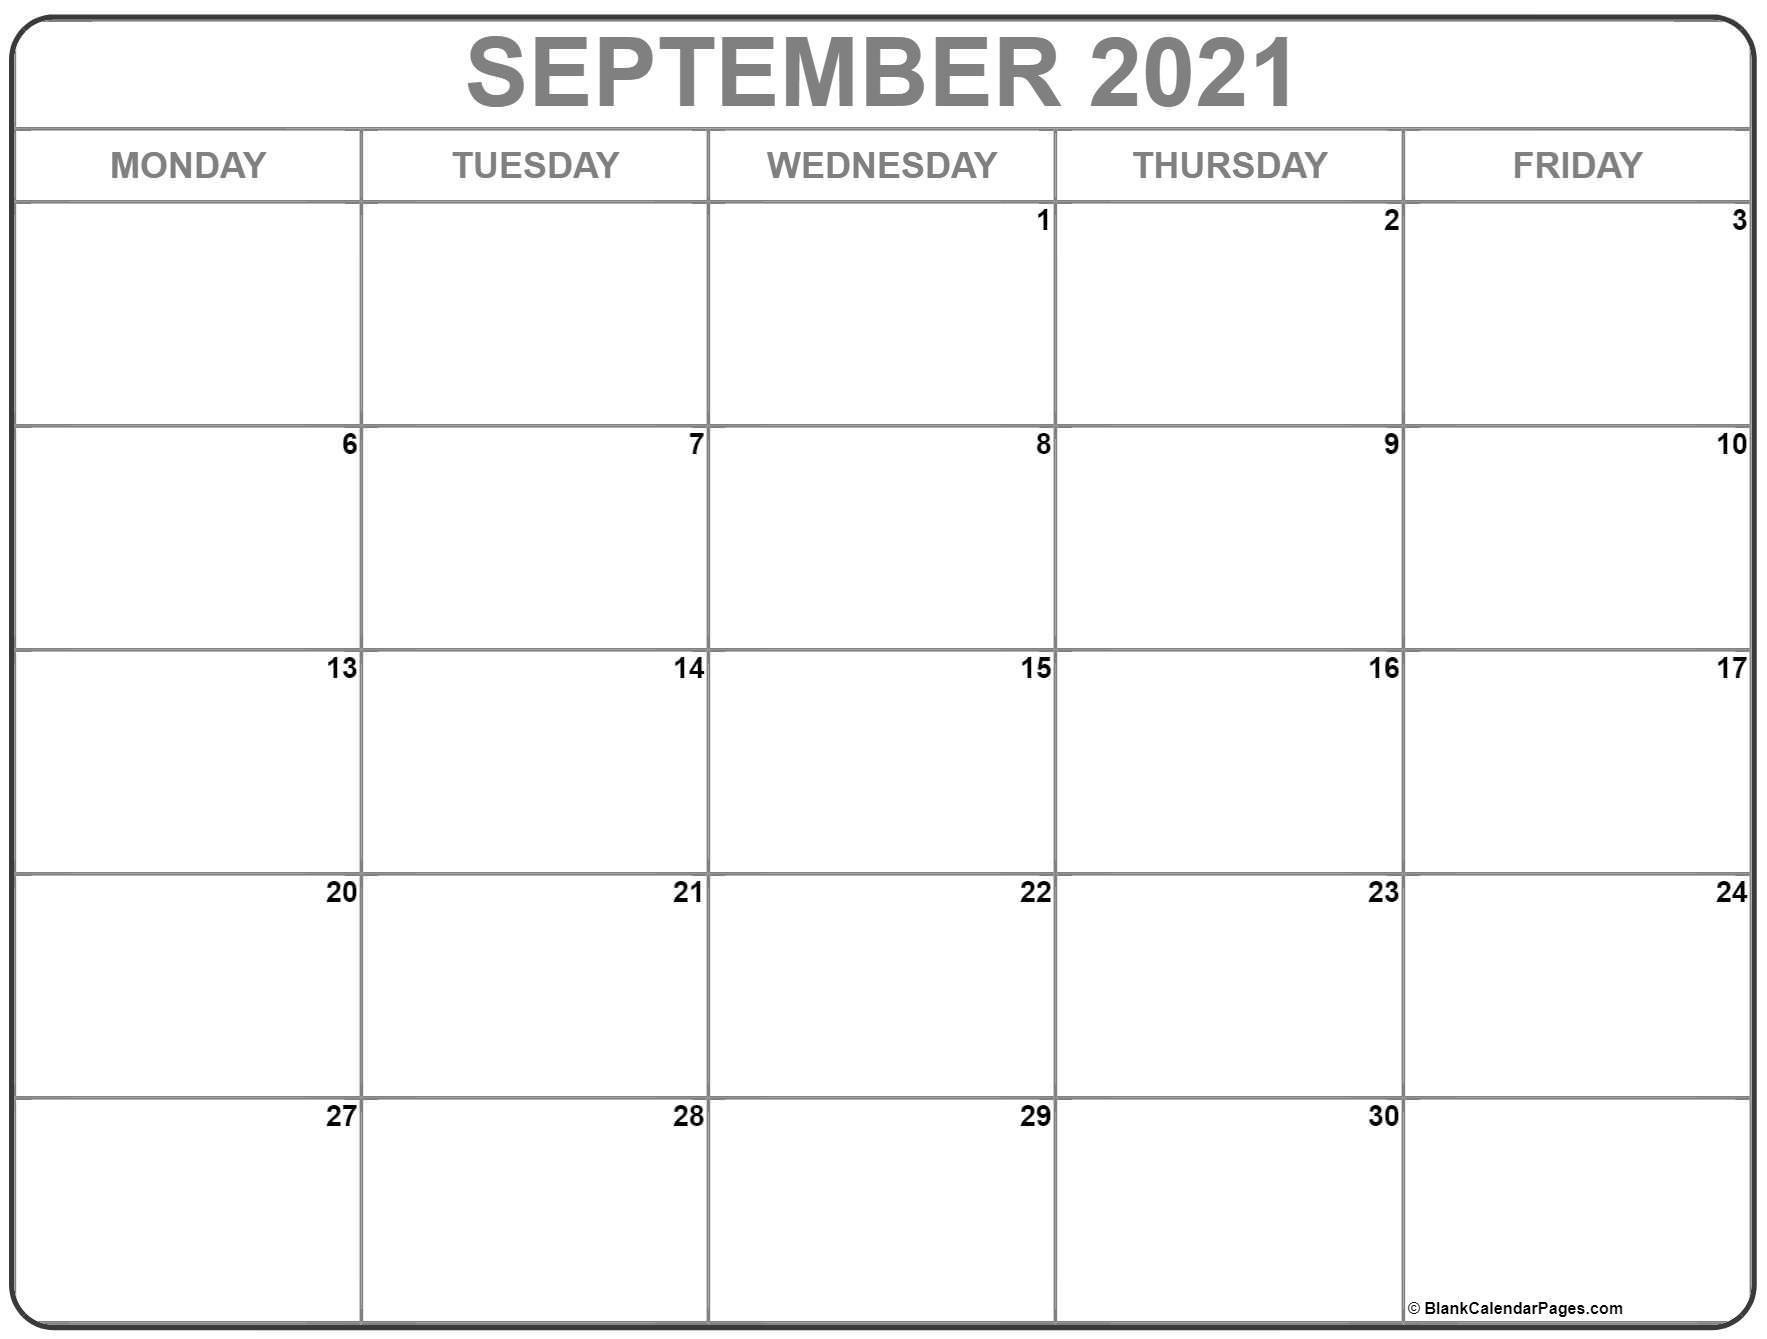 September 2021 Monday Calendar | Monday To Sunday pertaining to Calendar 2021 Monday Through Sunday